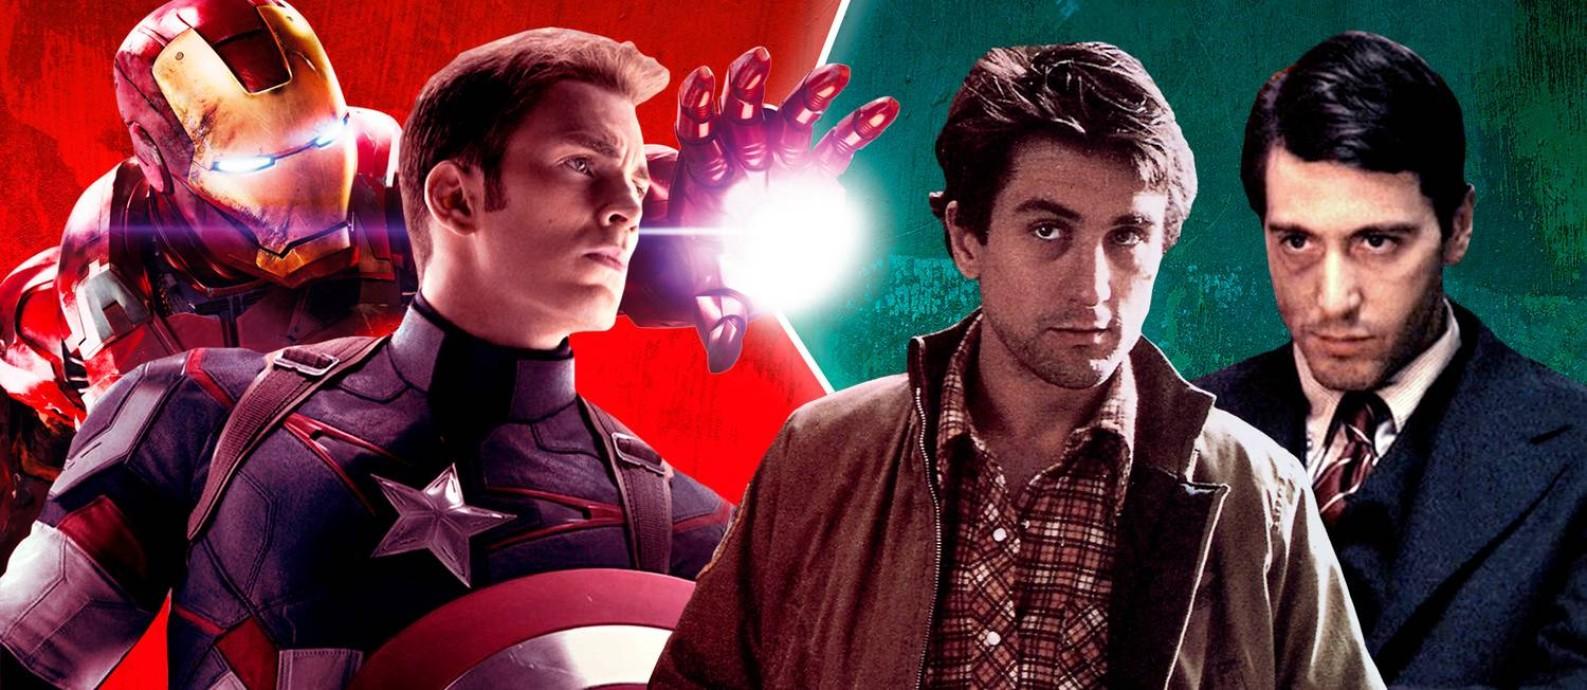 Thanos é coisa do passado: os novos inimigos dos heróis da Marvel são os diretores Francis Ford Coppola e Martin Scorsese, criadores de obras-primas como 'O poderoso chefão' e 'Taxi driver' Foto: Arte O Globo